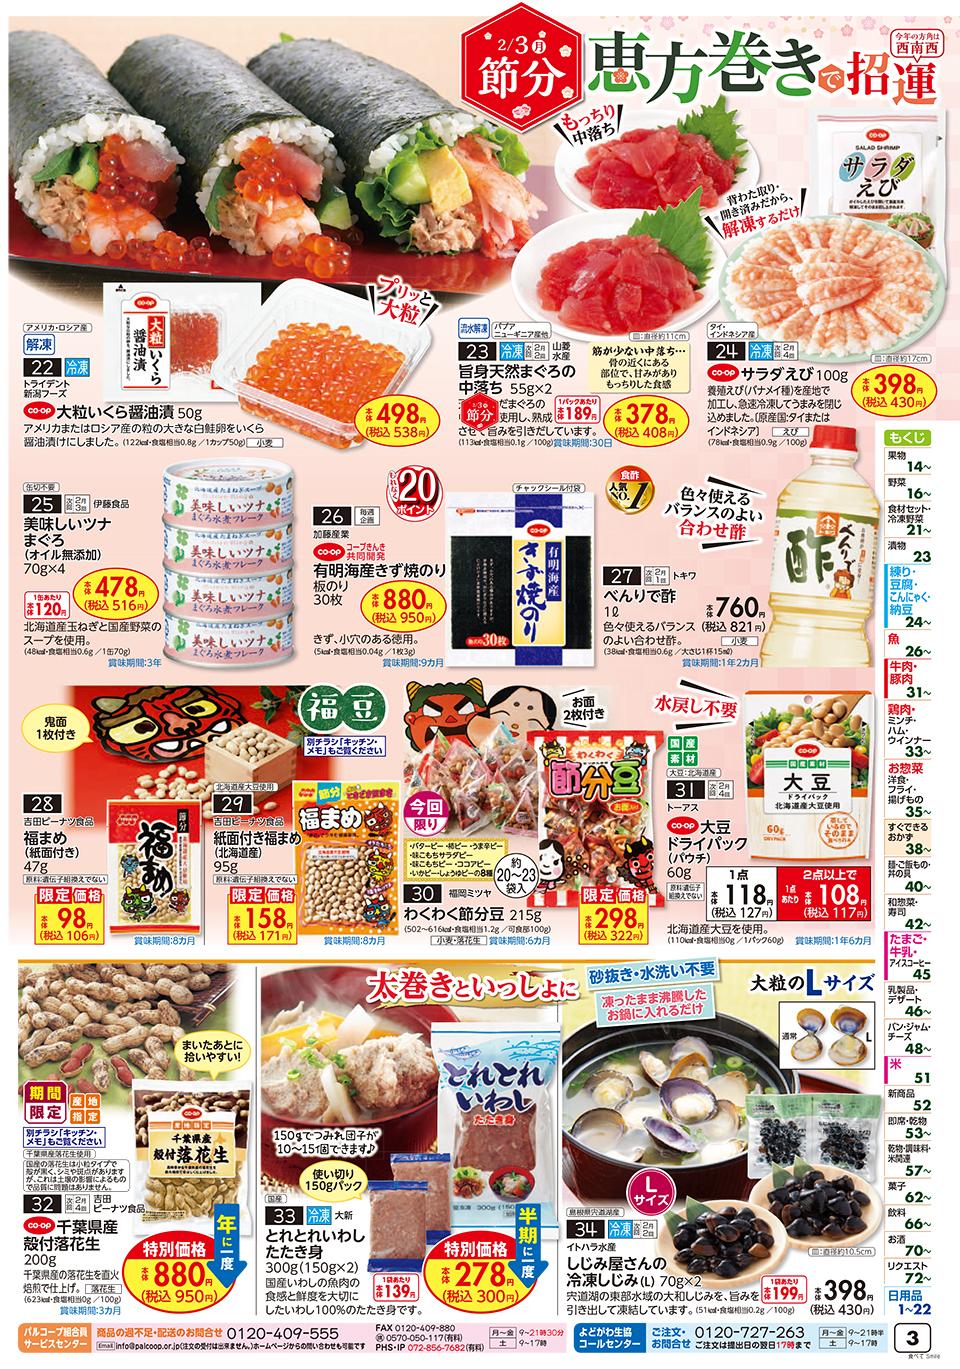 200113_iwashi_6.jpg